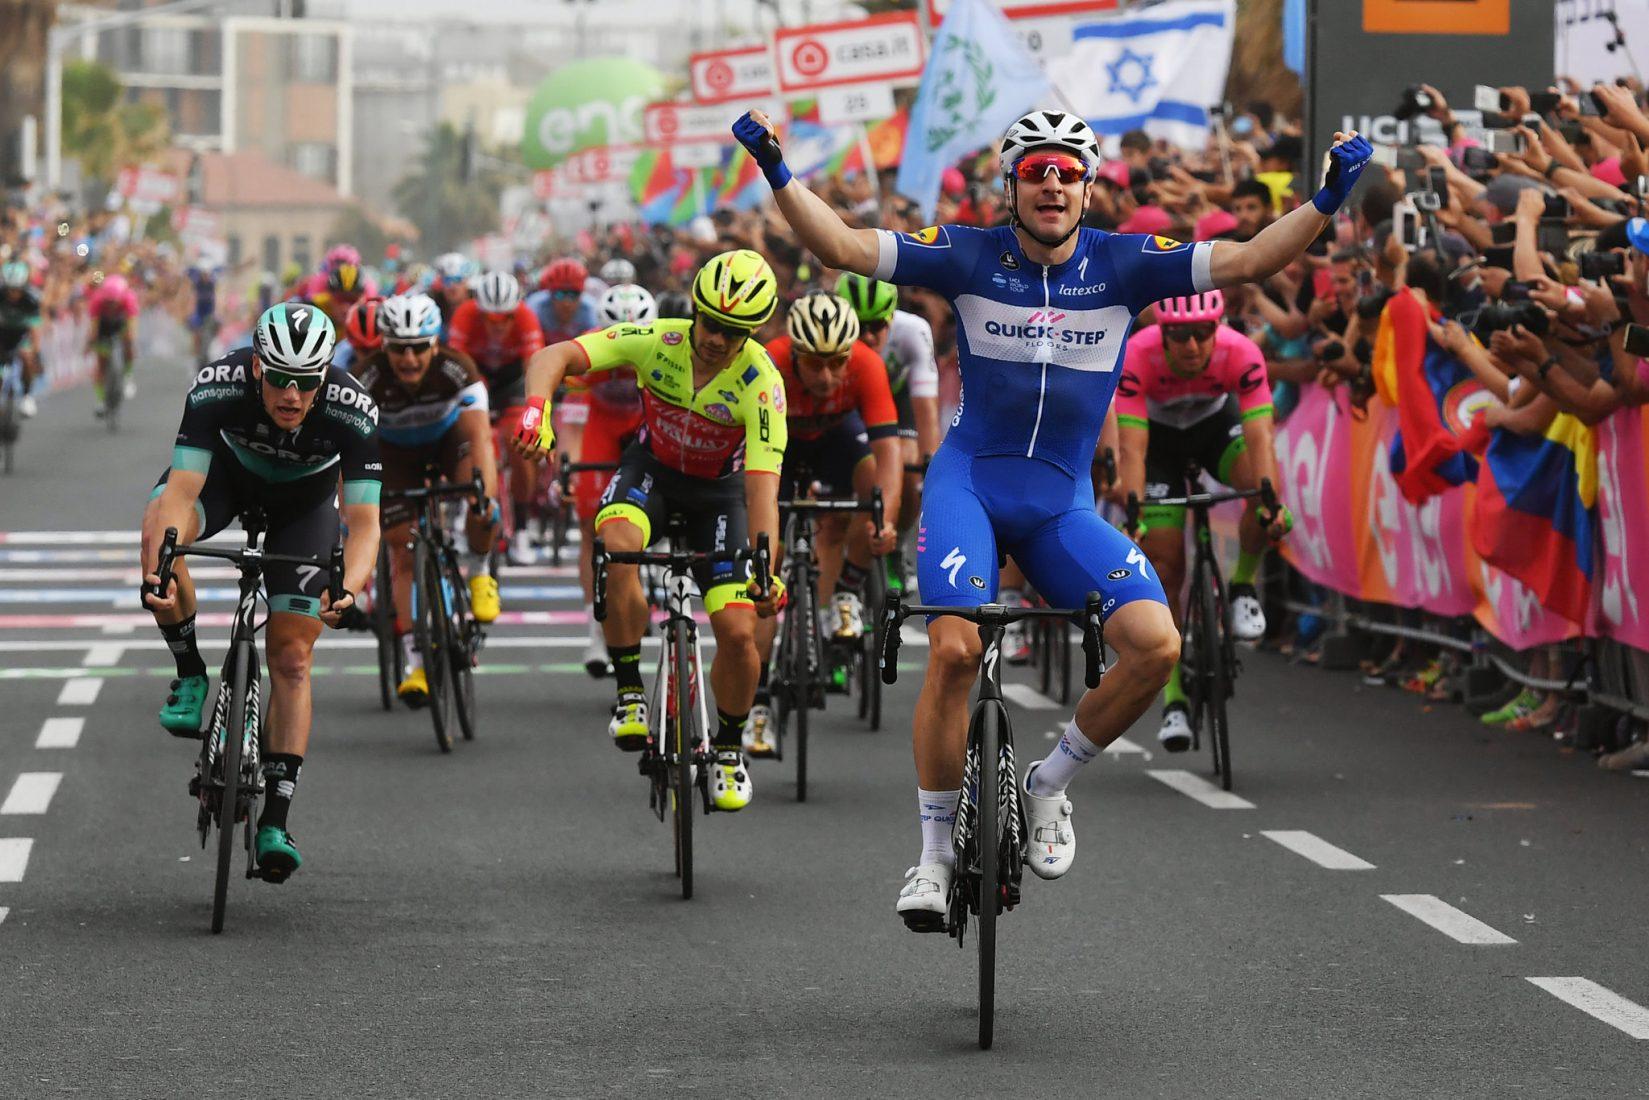 Giro 101:  2^ tappa allo sprint per Elia Viviani. Dennis in rosa